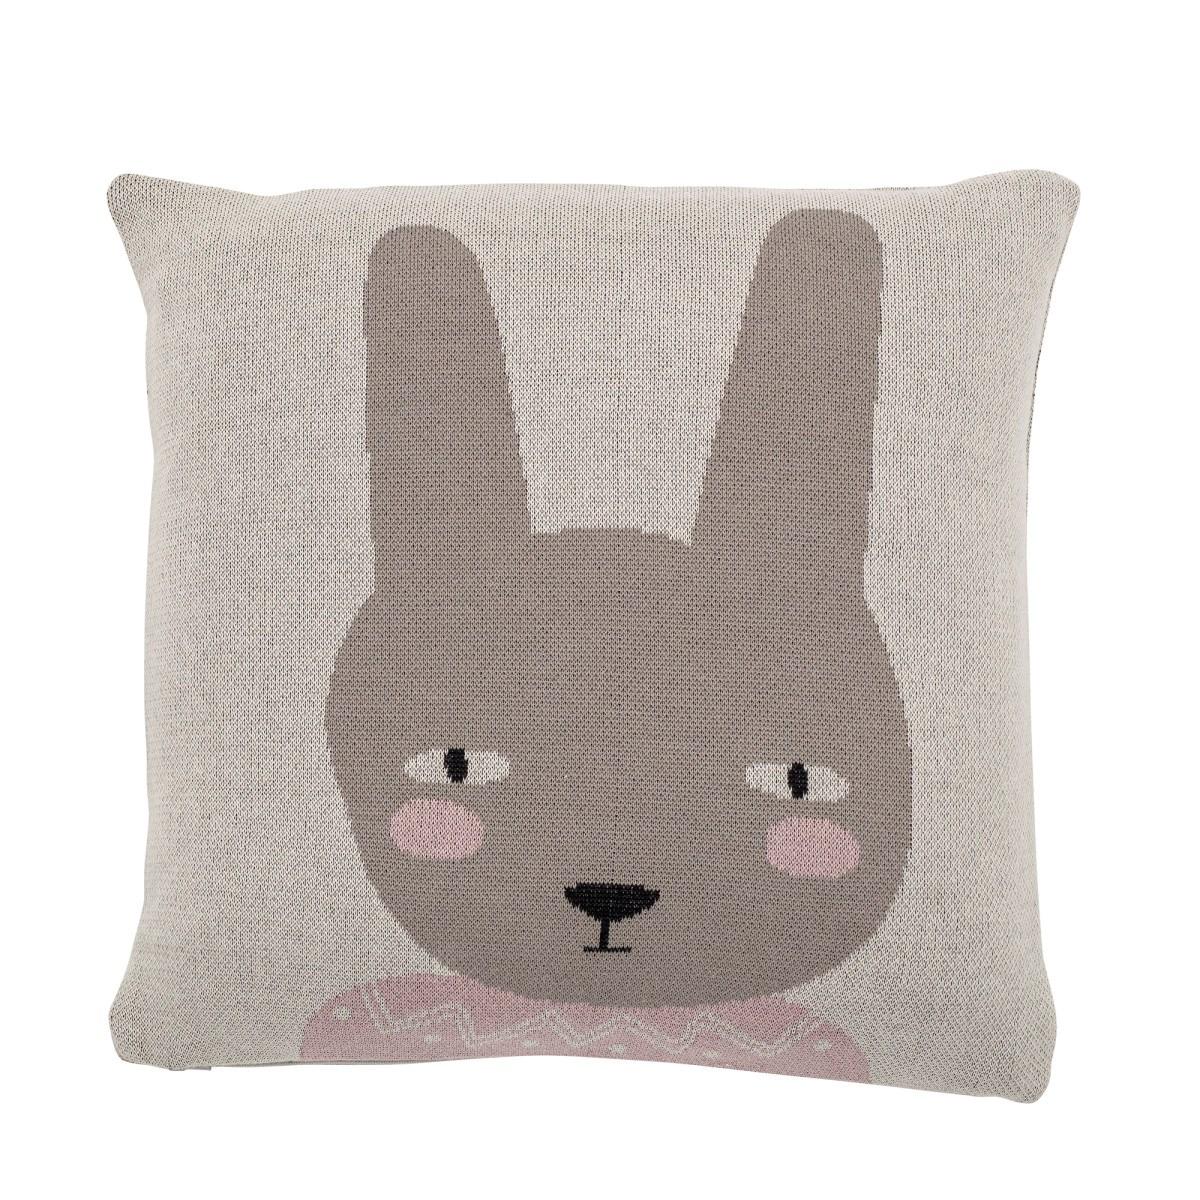 Bavlněný polštář Rabbit vč. výplně 45x45 cm_1